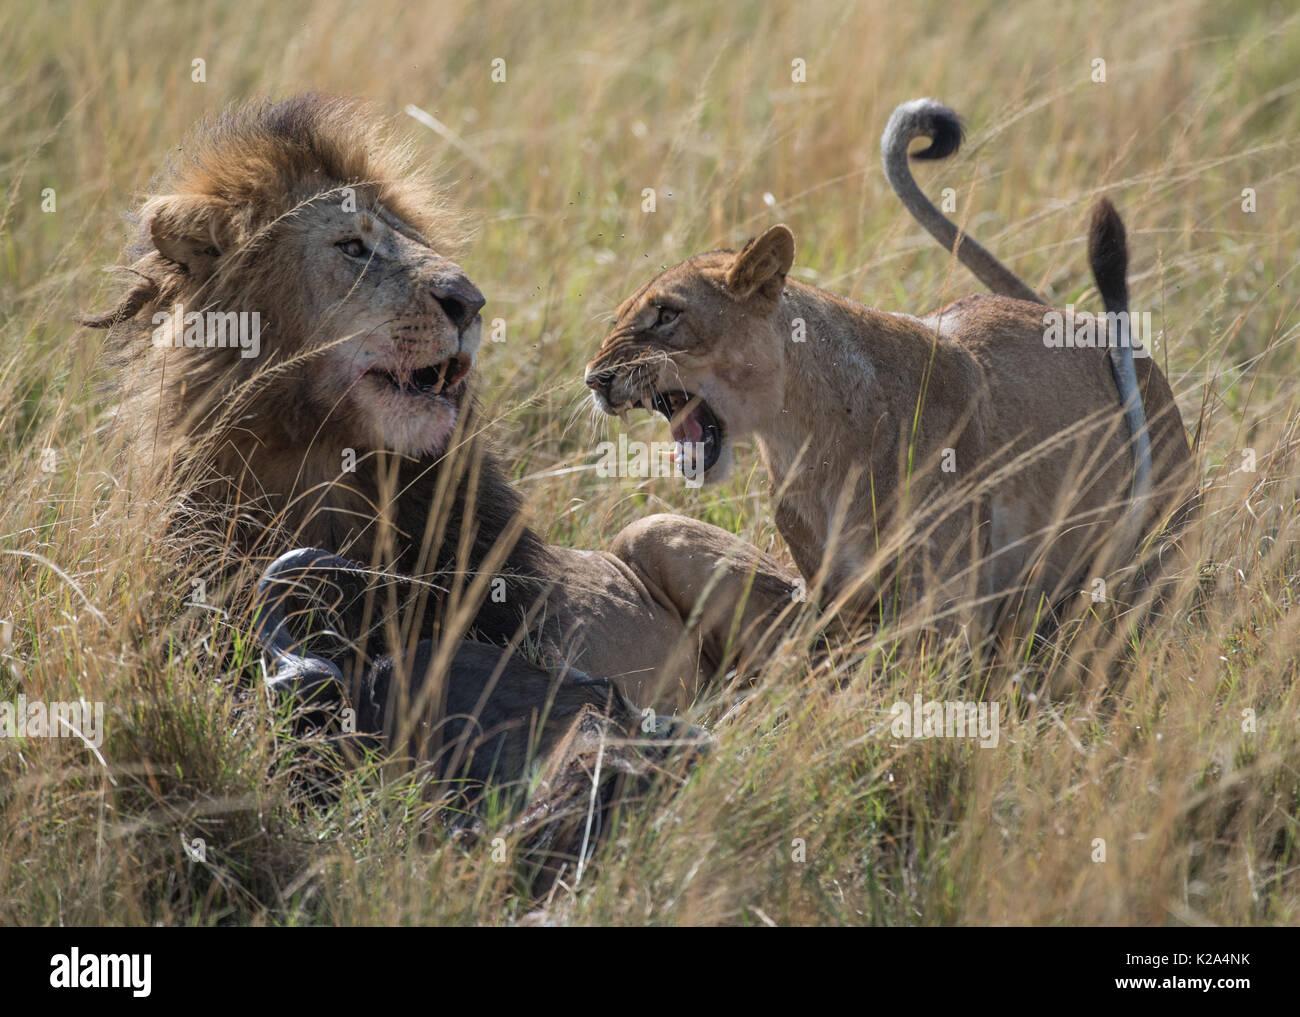 Nairobi, Kenya. 29th Aug, 2017. A lioness roars at a lion at the Maasai Mara National Reserve, Kenya, Aug. 29, 2017. Credit: Chen Cheng/Xinhua/Alamy Live News - Stock Image